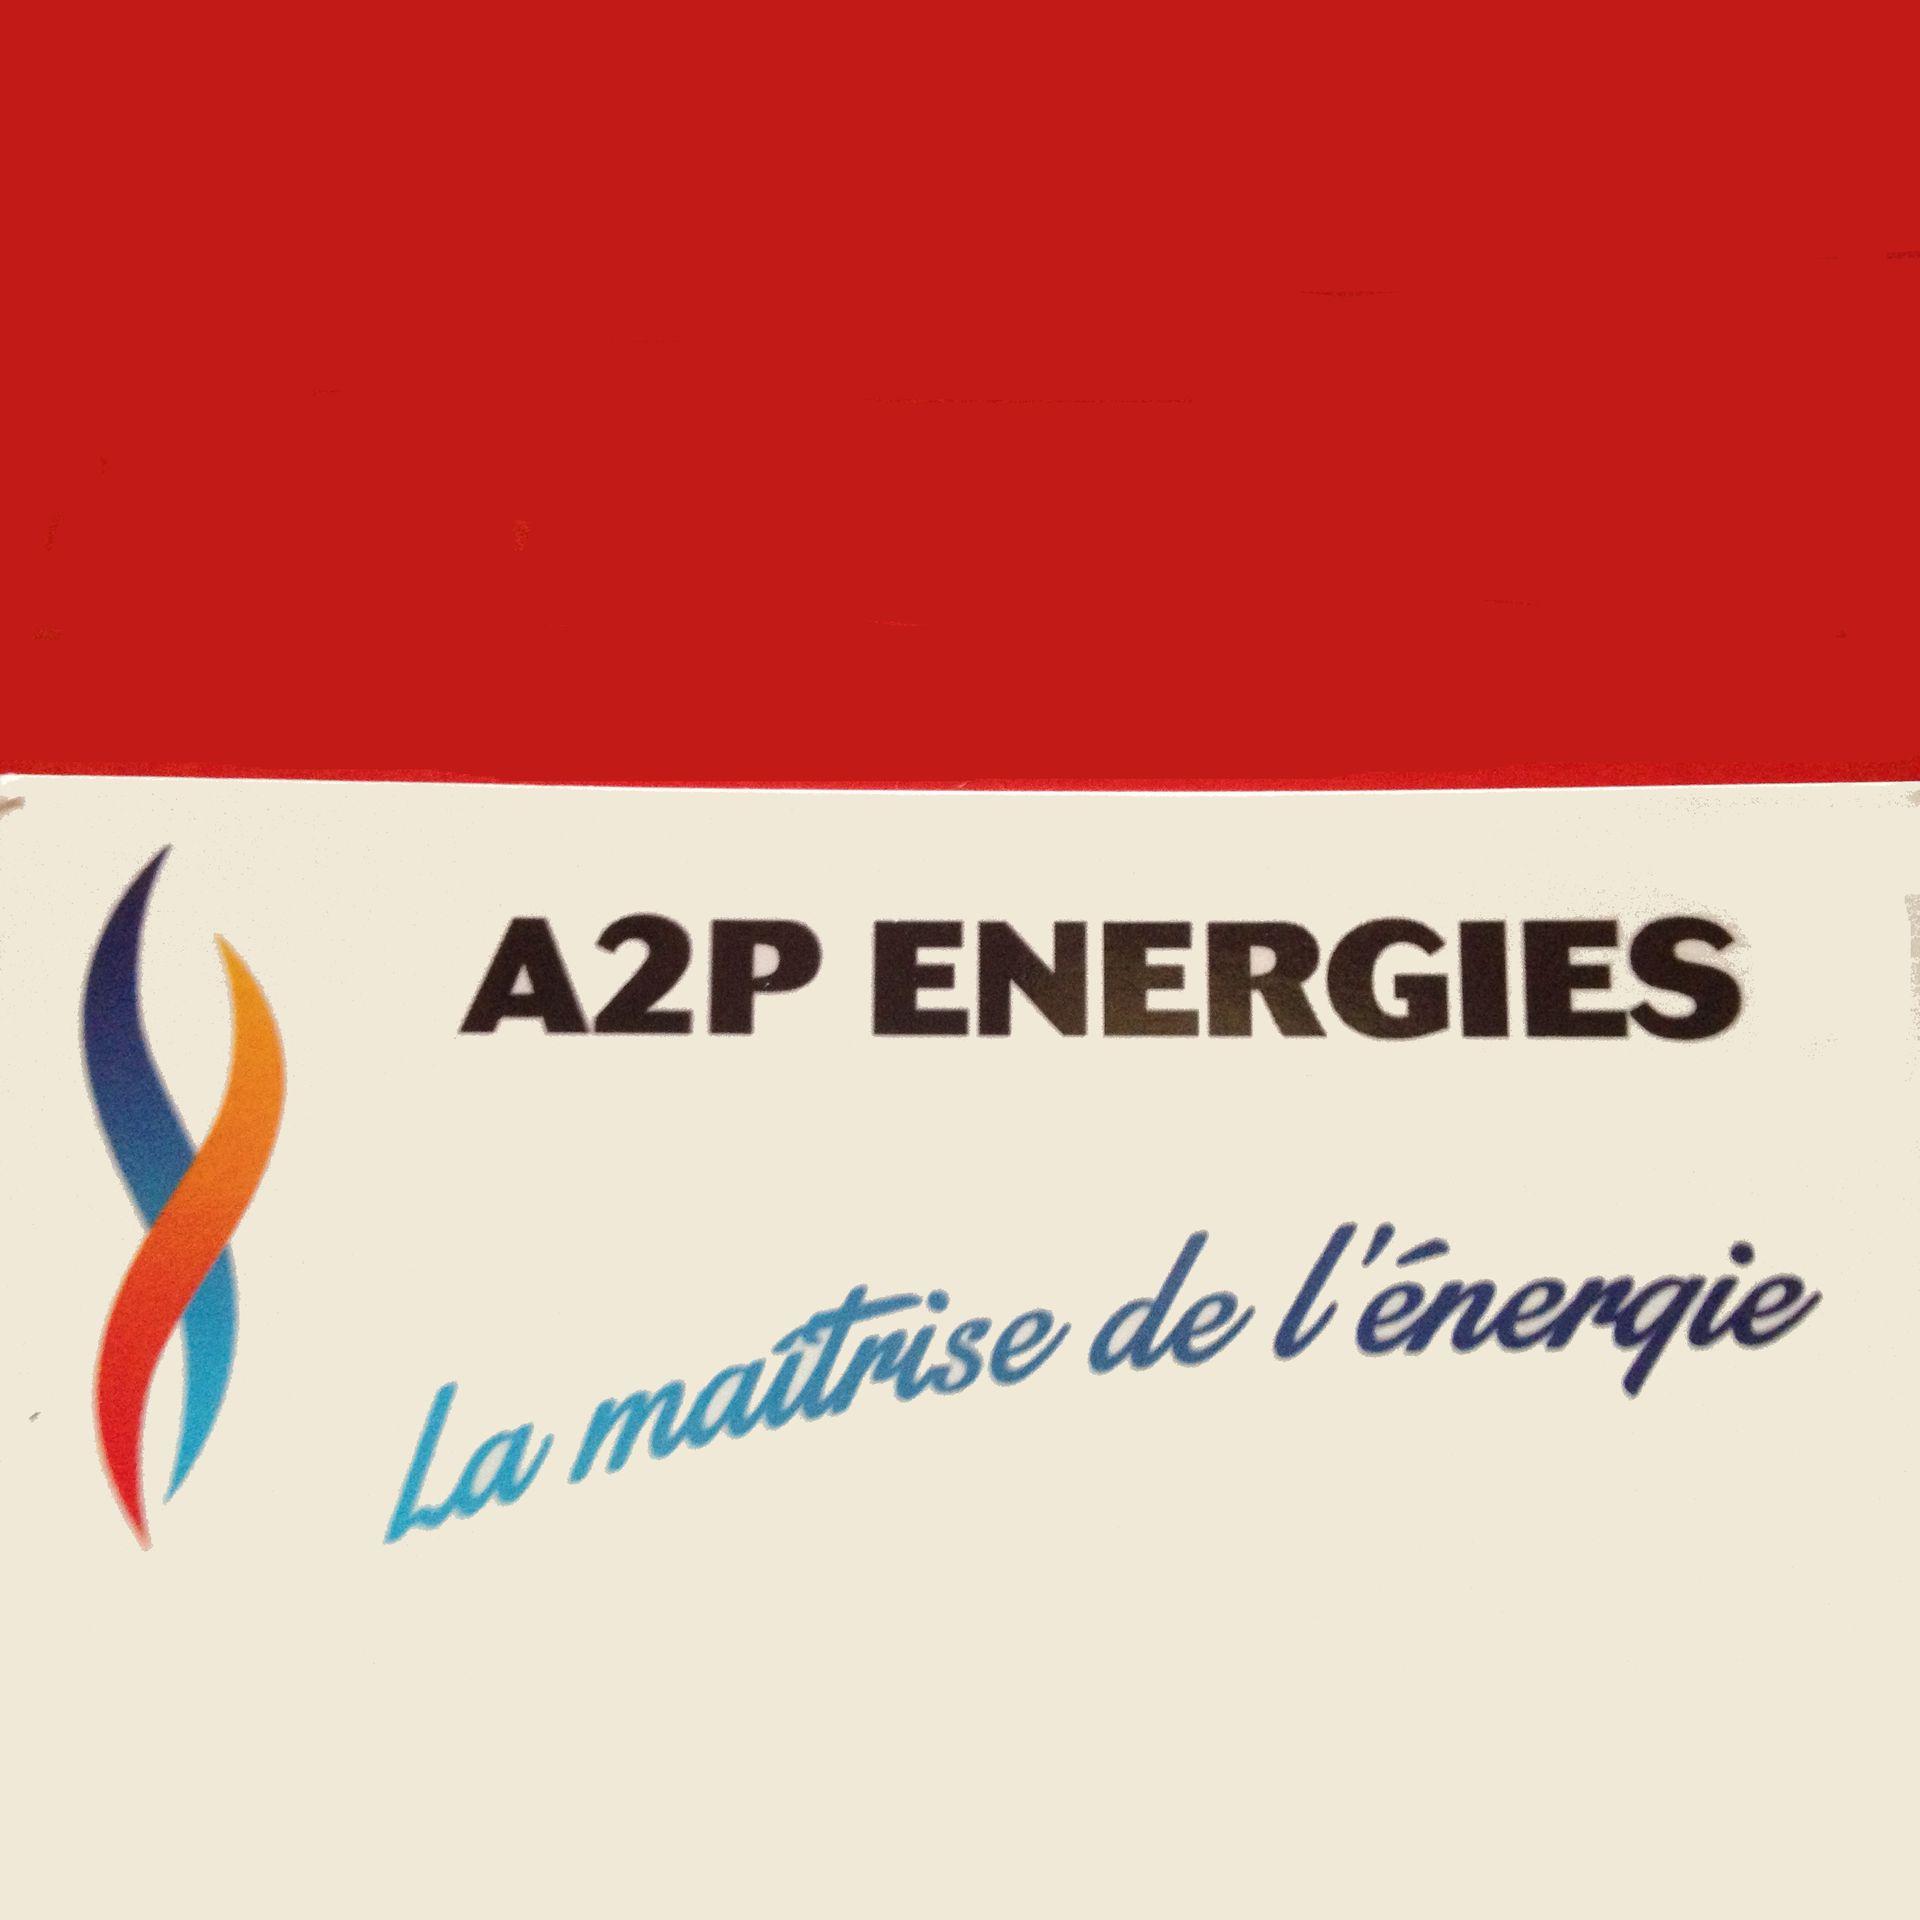 A2P Energies bricolage, outillage (détail)